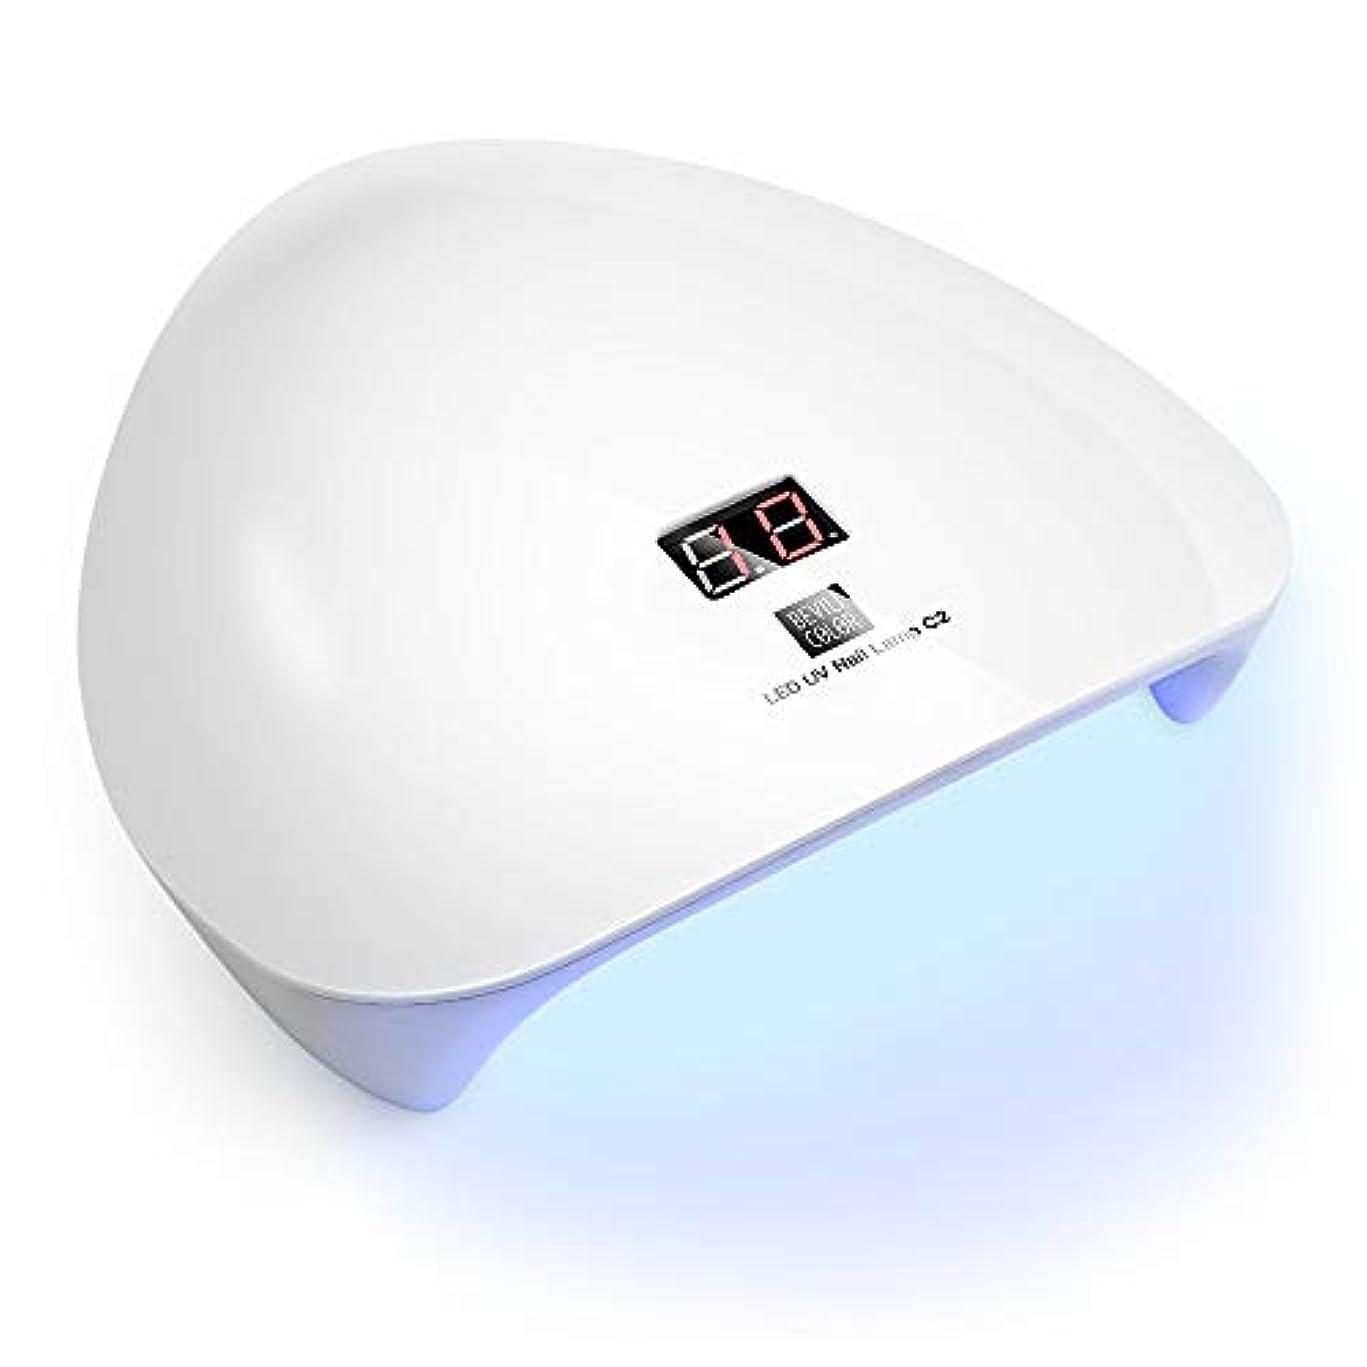 描写不正直奇跡WEVILI ネイル硬化用ライト UVライト LEDライト UVライトネイルドライヤー マニキュア用 LED ネイルドライヤー タイマー機能 自動センサー機能 レジン 便利 (45W 硬化用UVライト)